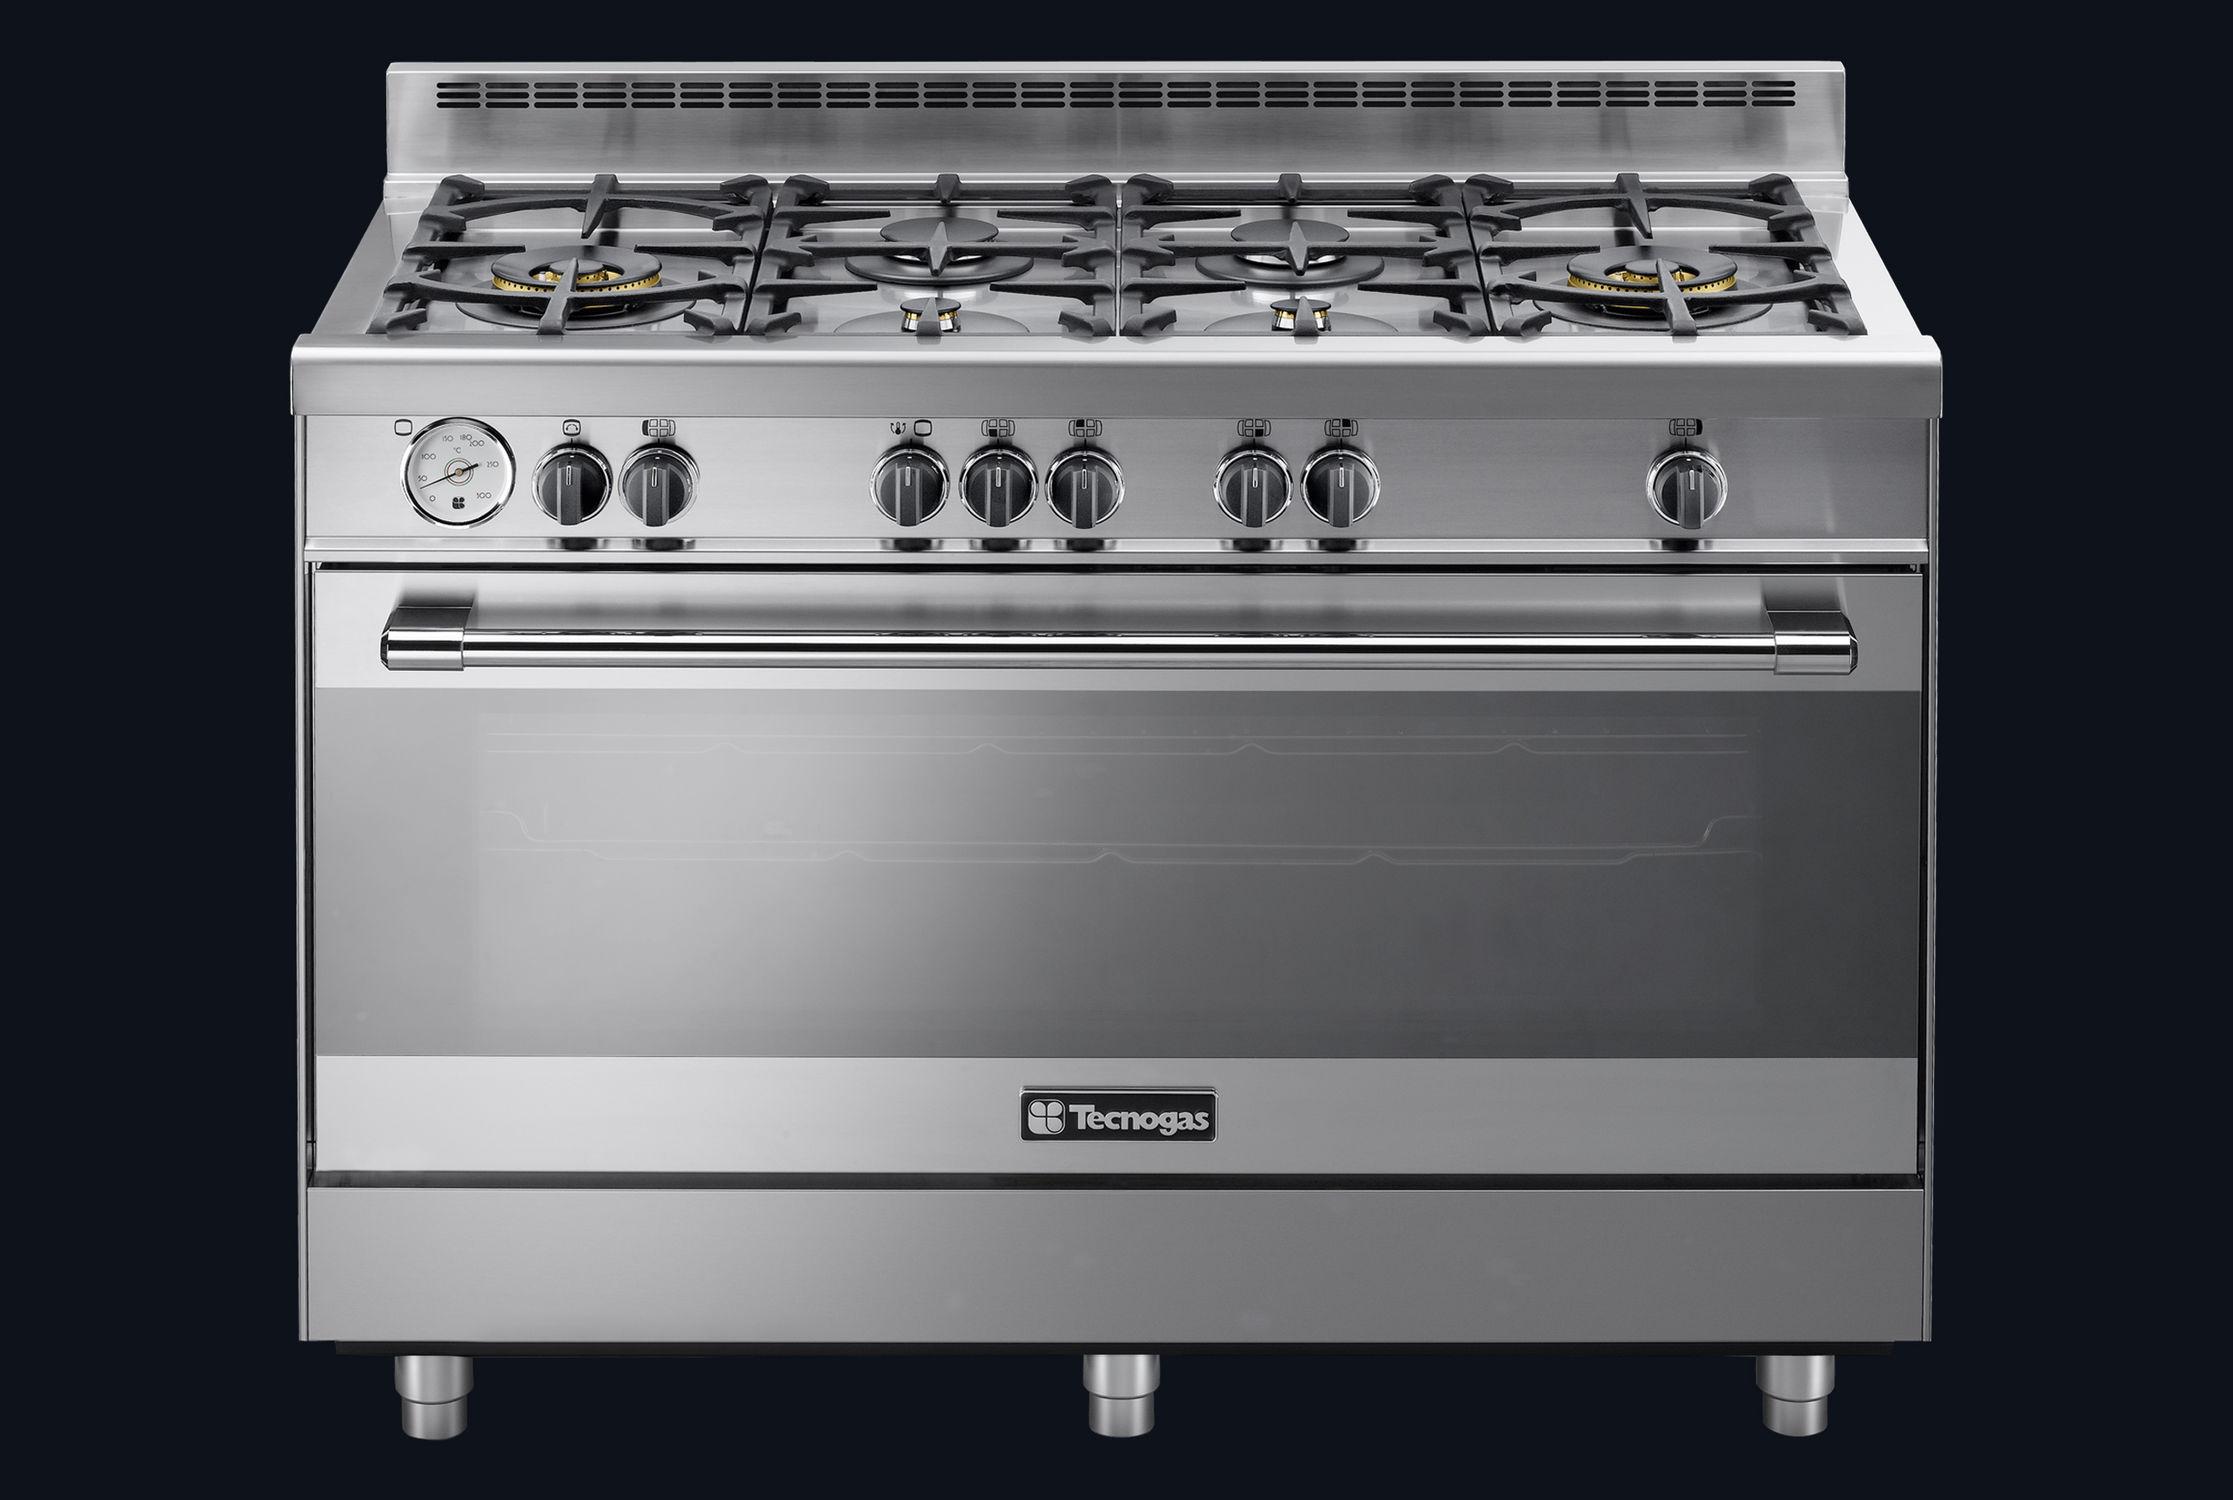 Blocco cucina a gas in ghisa wok pro stretch tecno spa